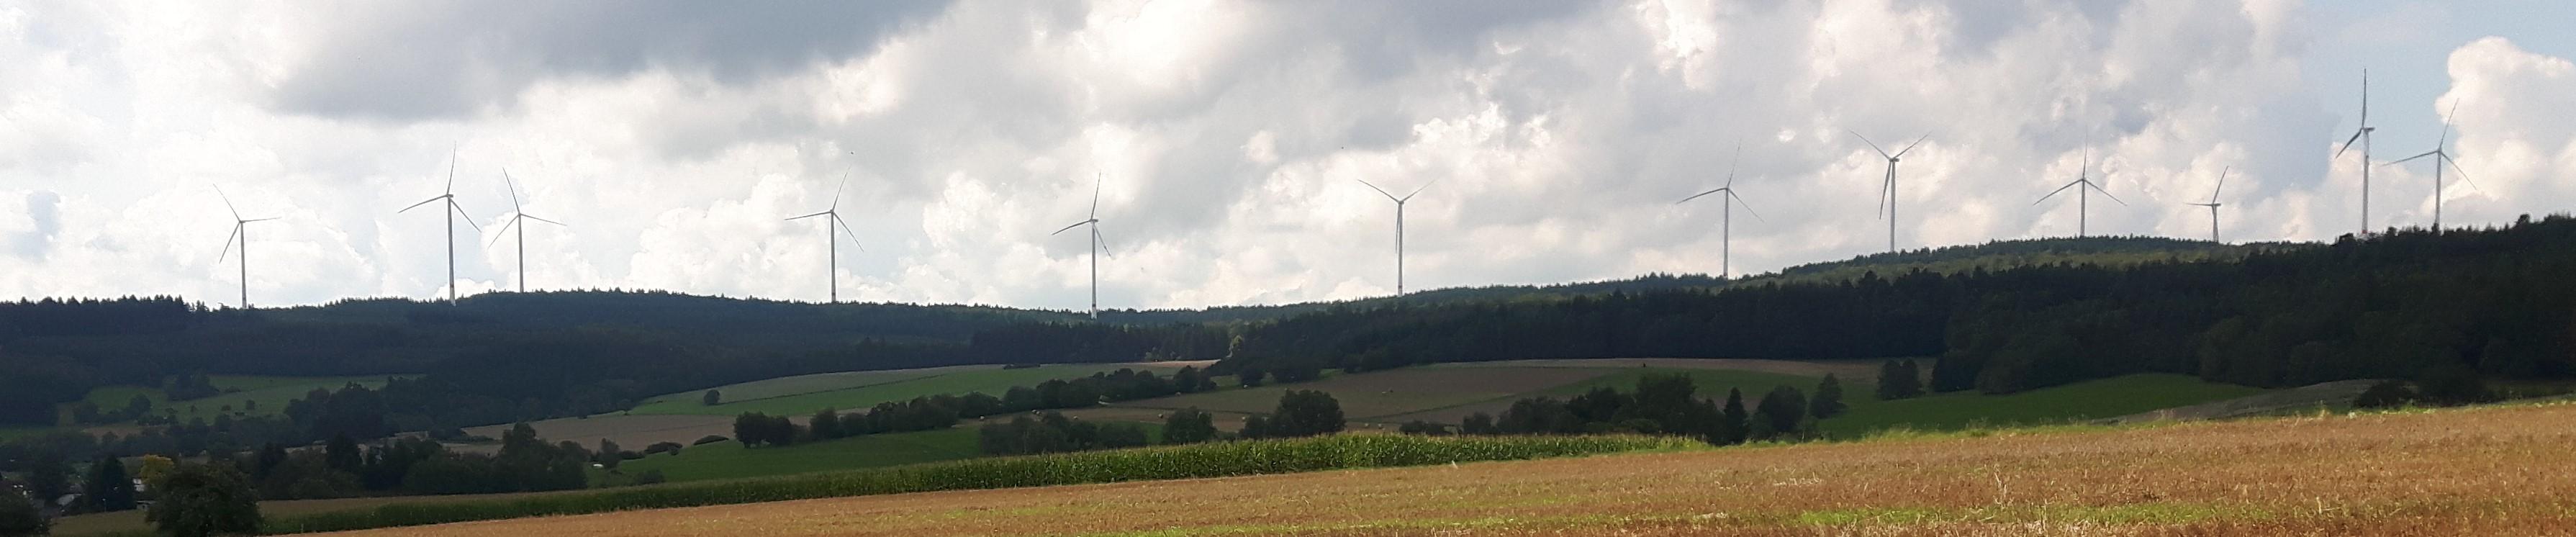 Bürgergenossenschaft Windenergiepark Heidenrod eG